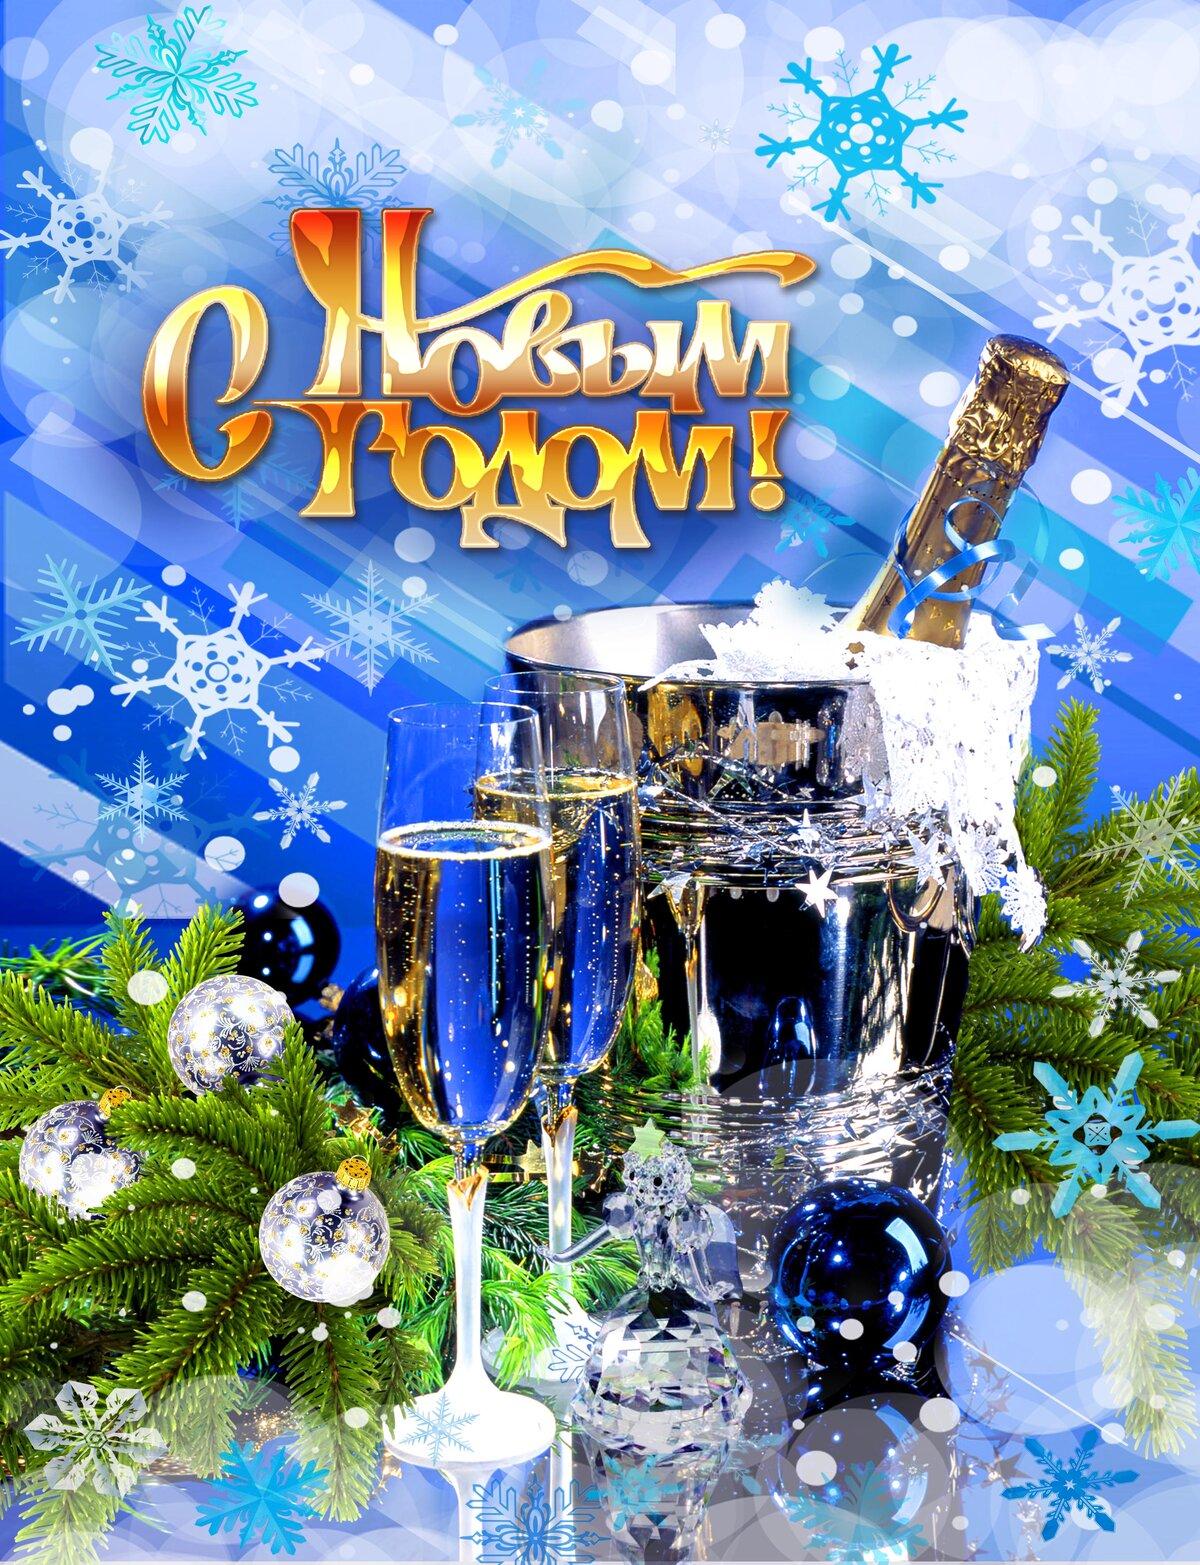 Видео и открытки на новый год, смотрит бинокль прикольные